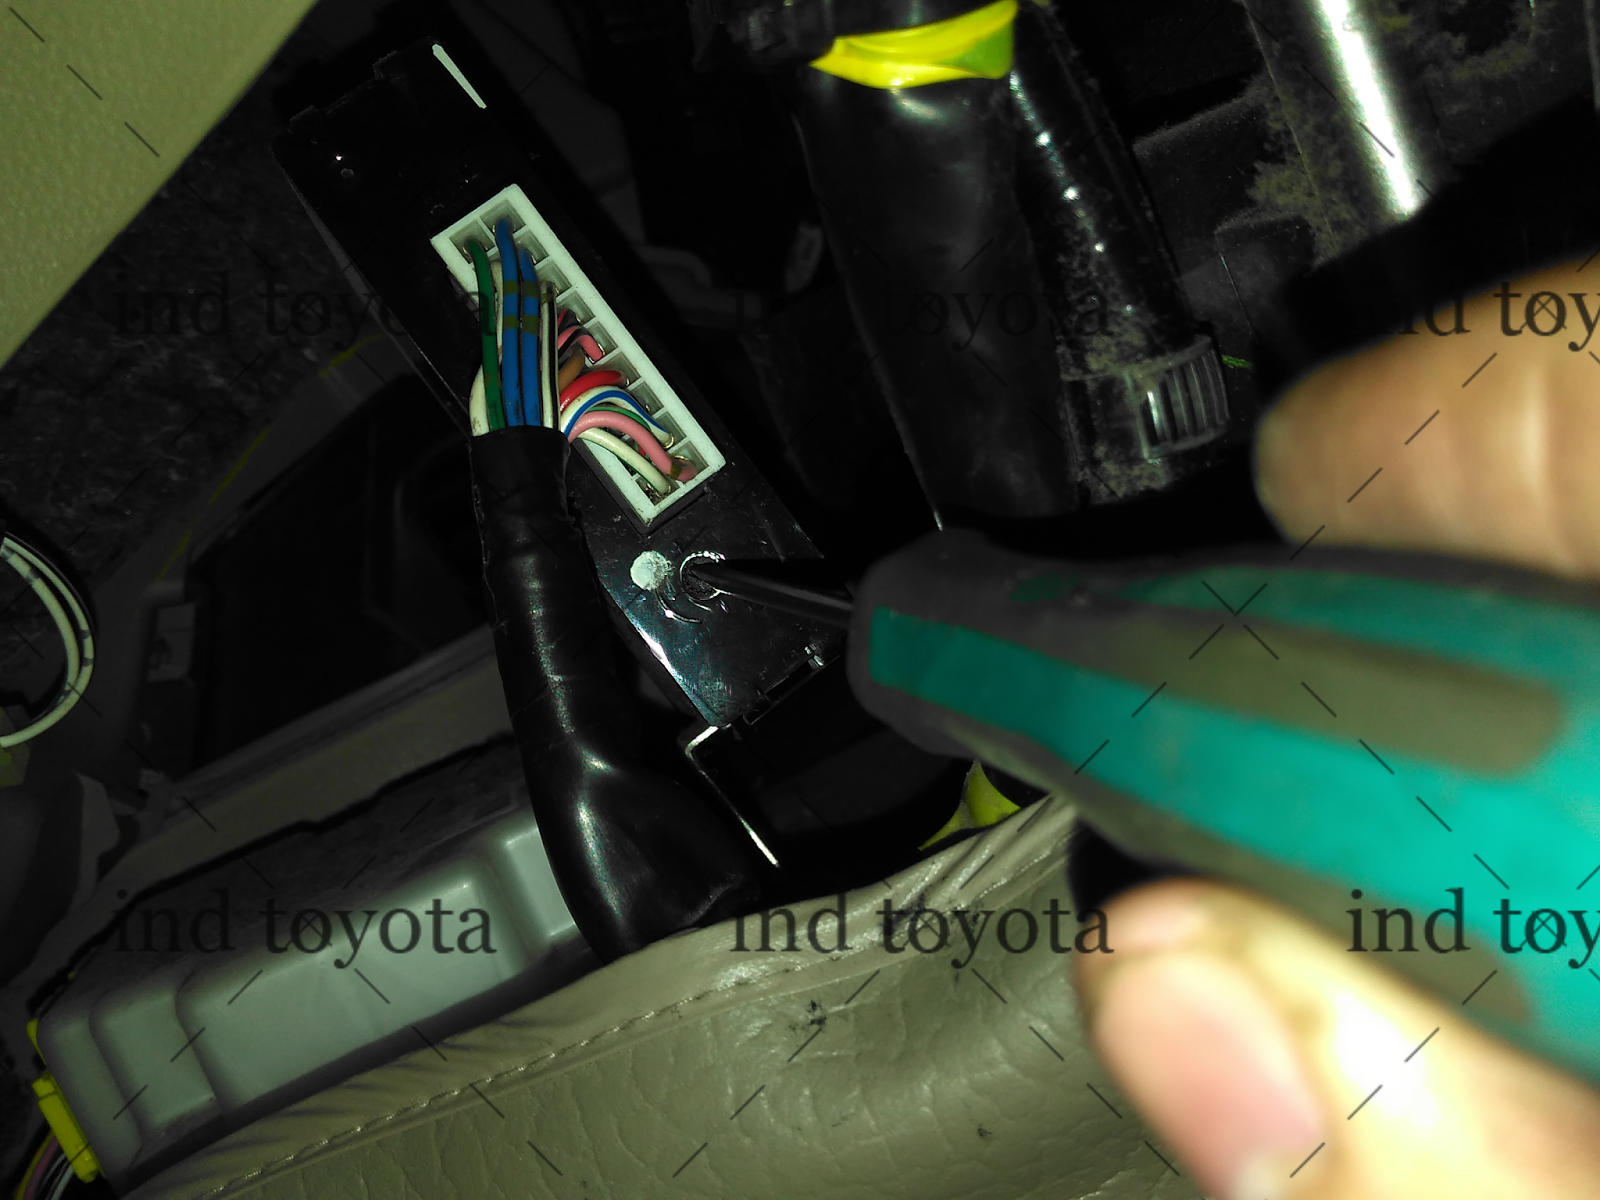 Cara Setting Alarm Grand New Avanza All Kijang Innova 2.0 G Menyetel Sensitifitas Kendaraan Mobil Toyota Dari Buka Yang Warna Hitam Congkel Bagian Dalam Ditengah Klip Dan Untuk Coklat Anda Cukup Tekan Tengah Agar Masuk Kedalam Lalu